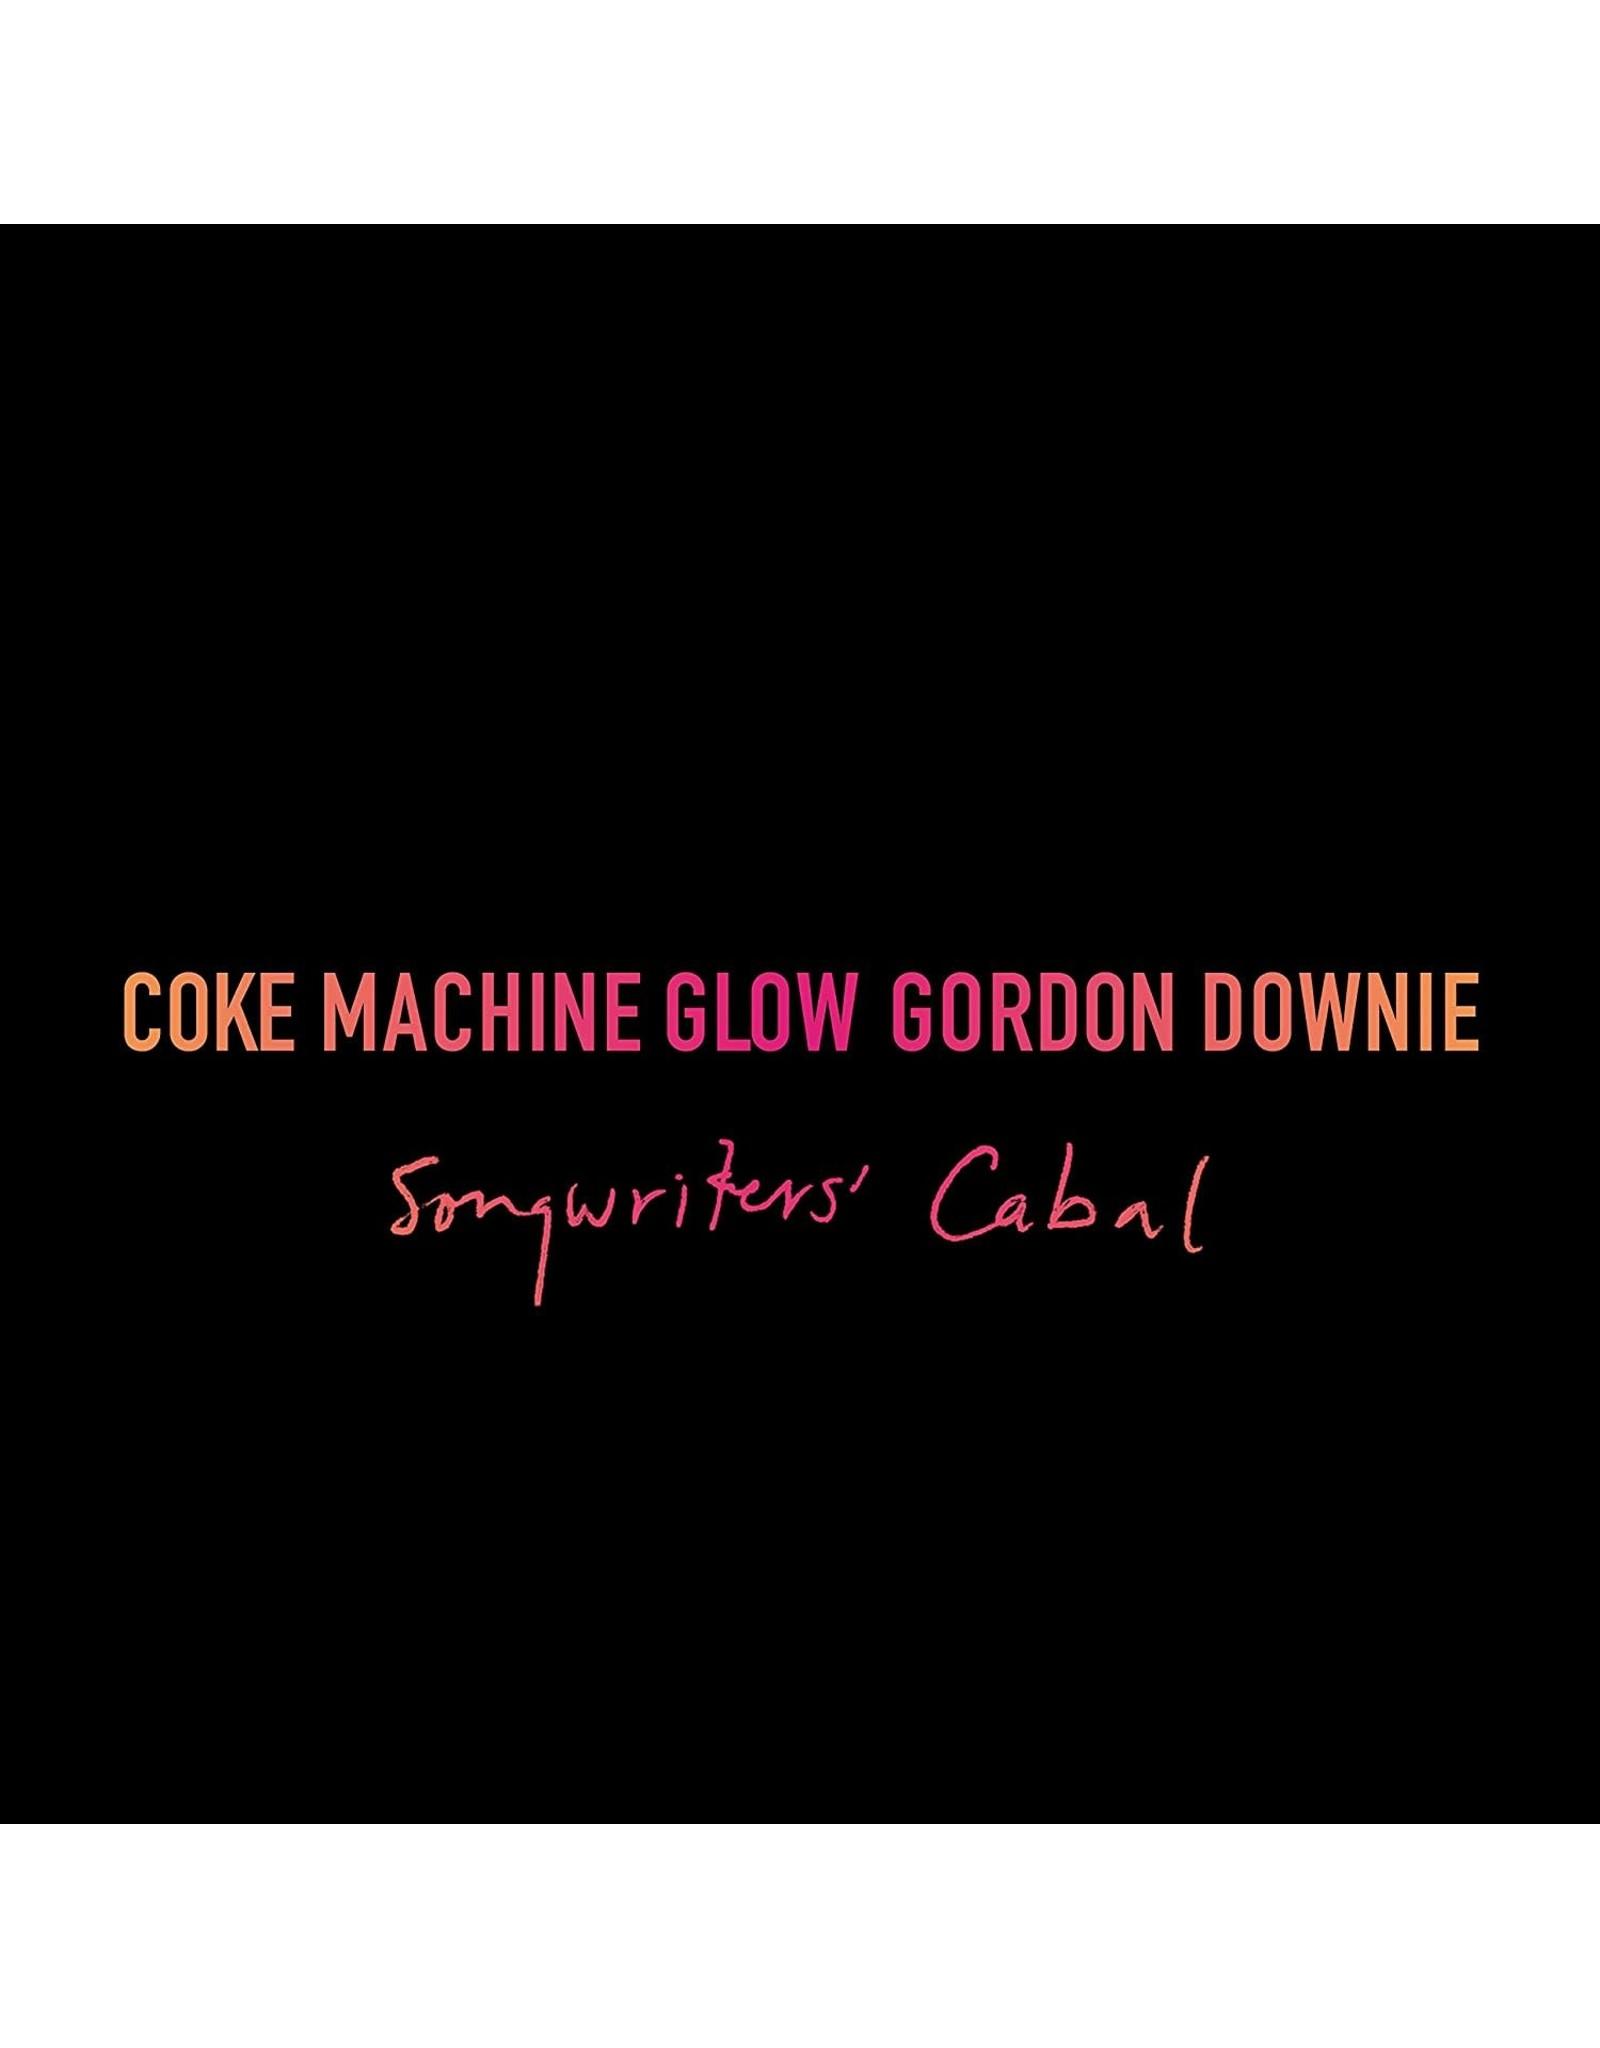 Downie, Gord - Coke Machine Glow: Songwriters' Cabal